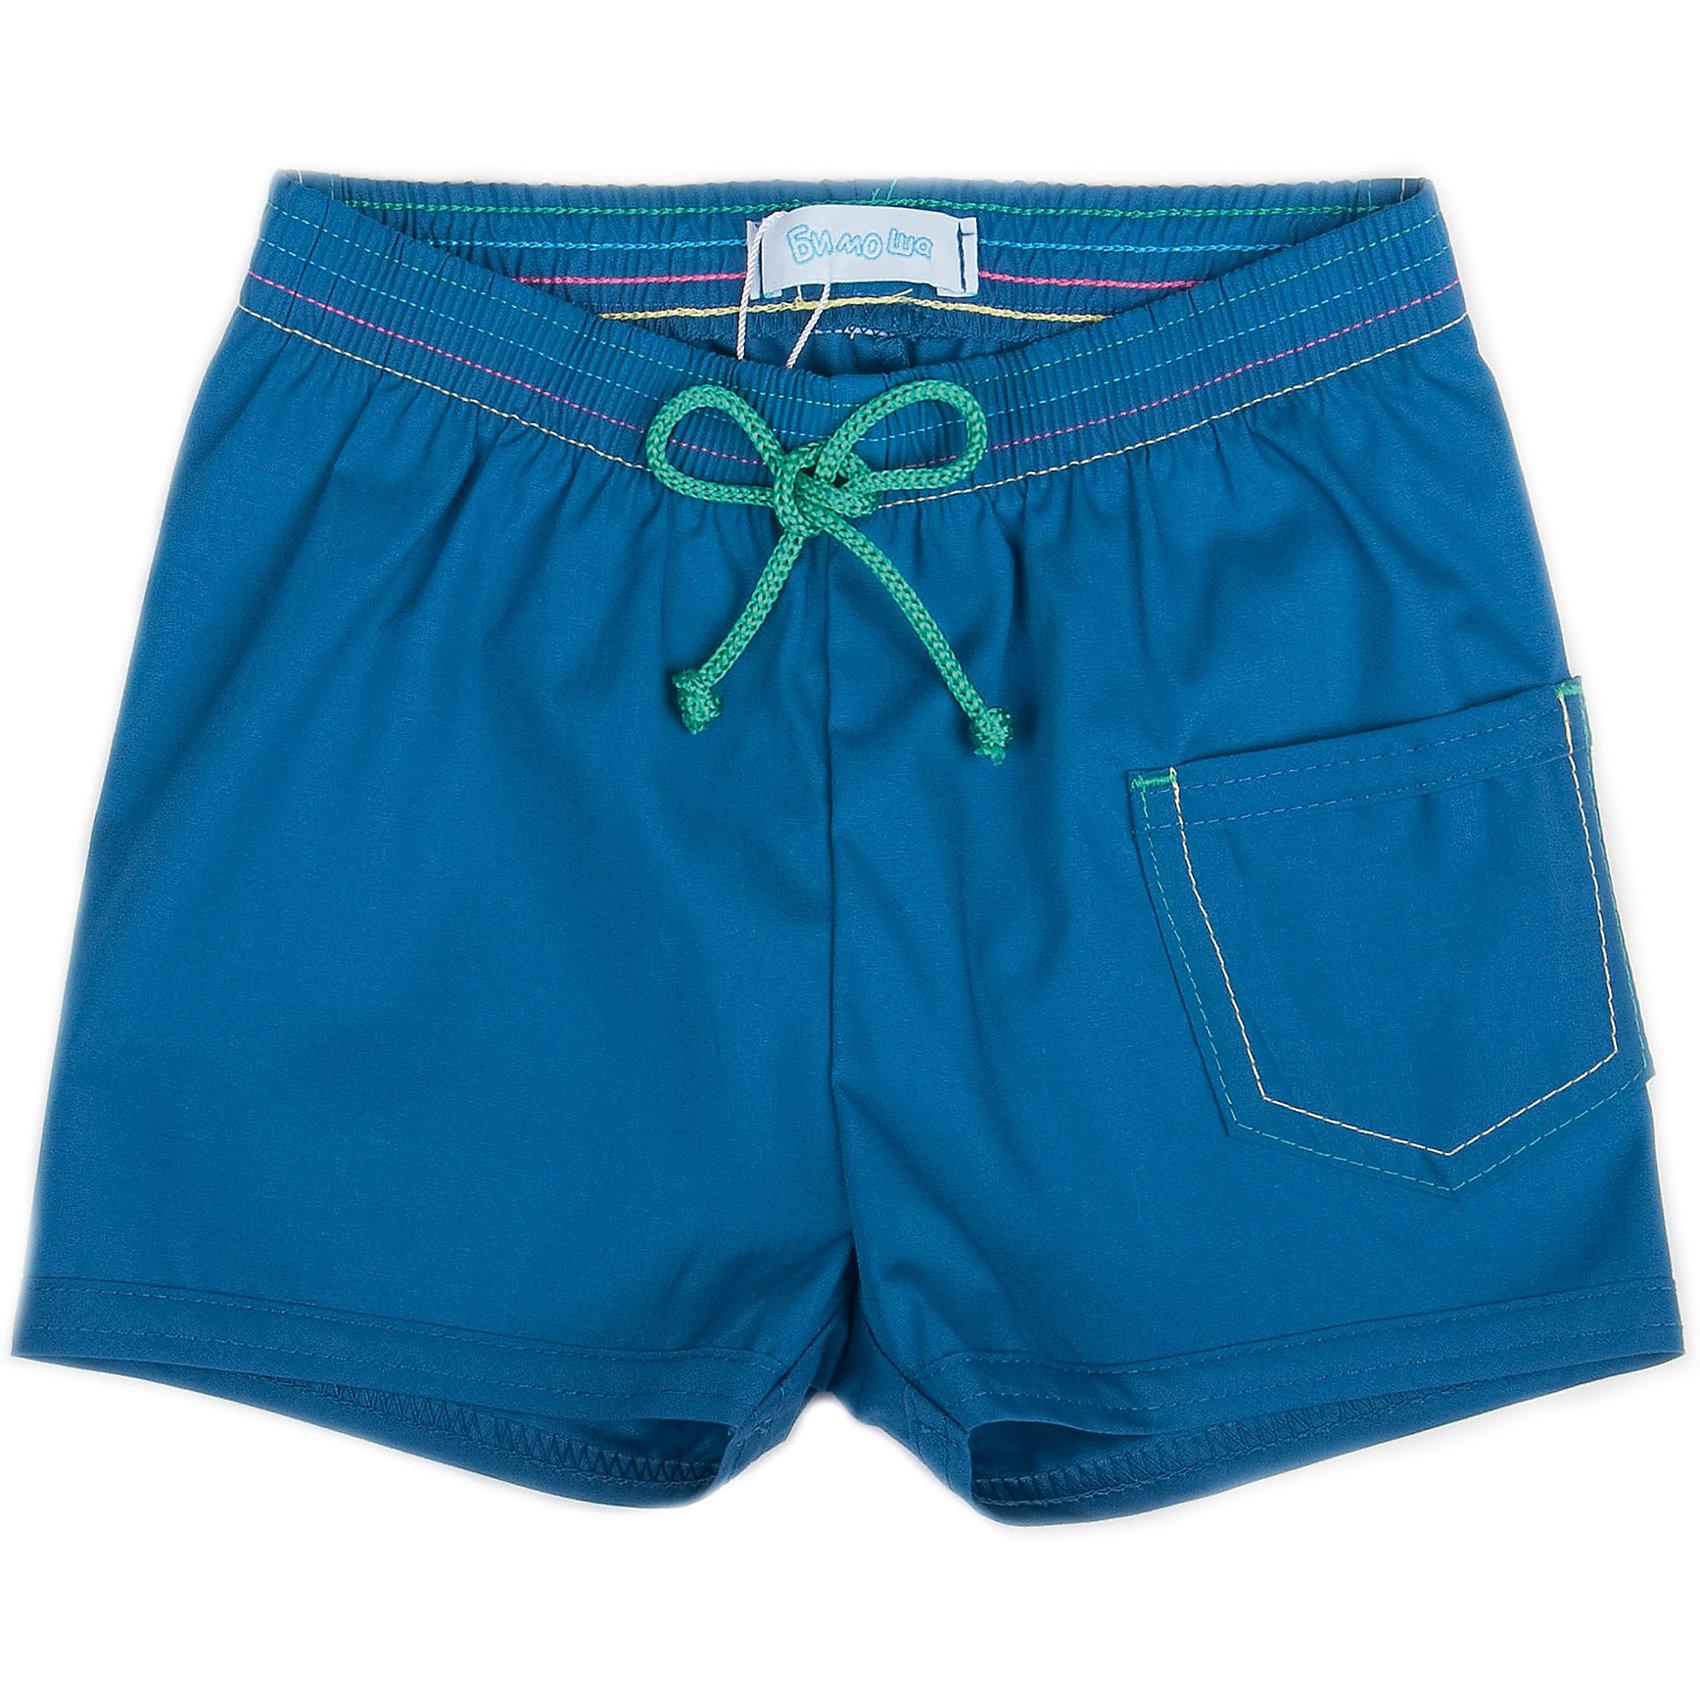 Шорты для мальчика БимошаШорты, бриджи, капри<br>Однотонные шорты  для мальчика спереди дополнены карманом. Состав: Поплин 97% хлопок, 3% эластан<br><br>Ширина мм: 191<br>Глубина мм: 10<br>Высота мм: 175<br>Вес г: 273<br>Цвет: синий<br>Возраст от месяцев: 12<br>Возраст до месяцев: 15<br>Пол: Мужской<br>Возраст: Детский<br>Размер: 80,74,86<br>SKU: 4645458